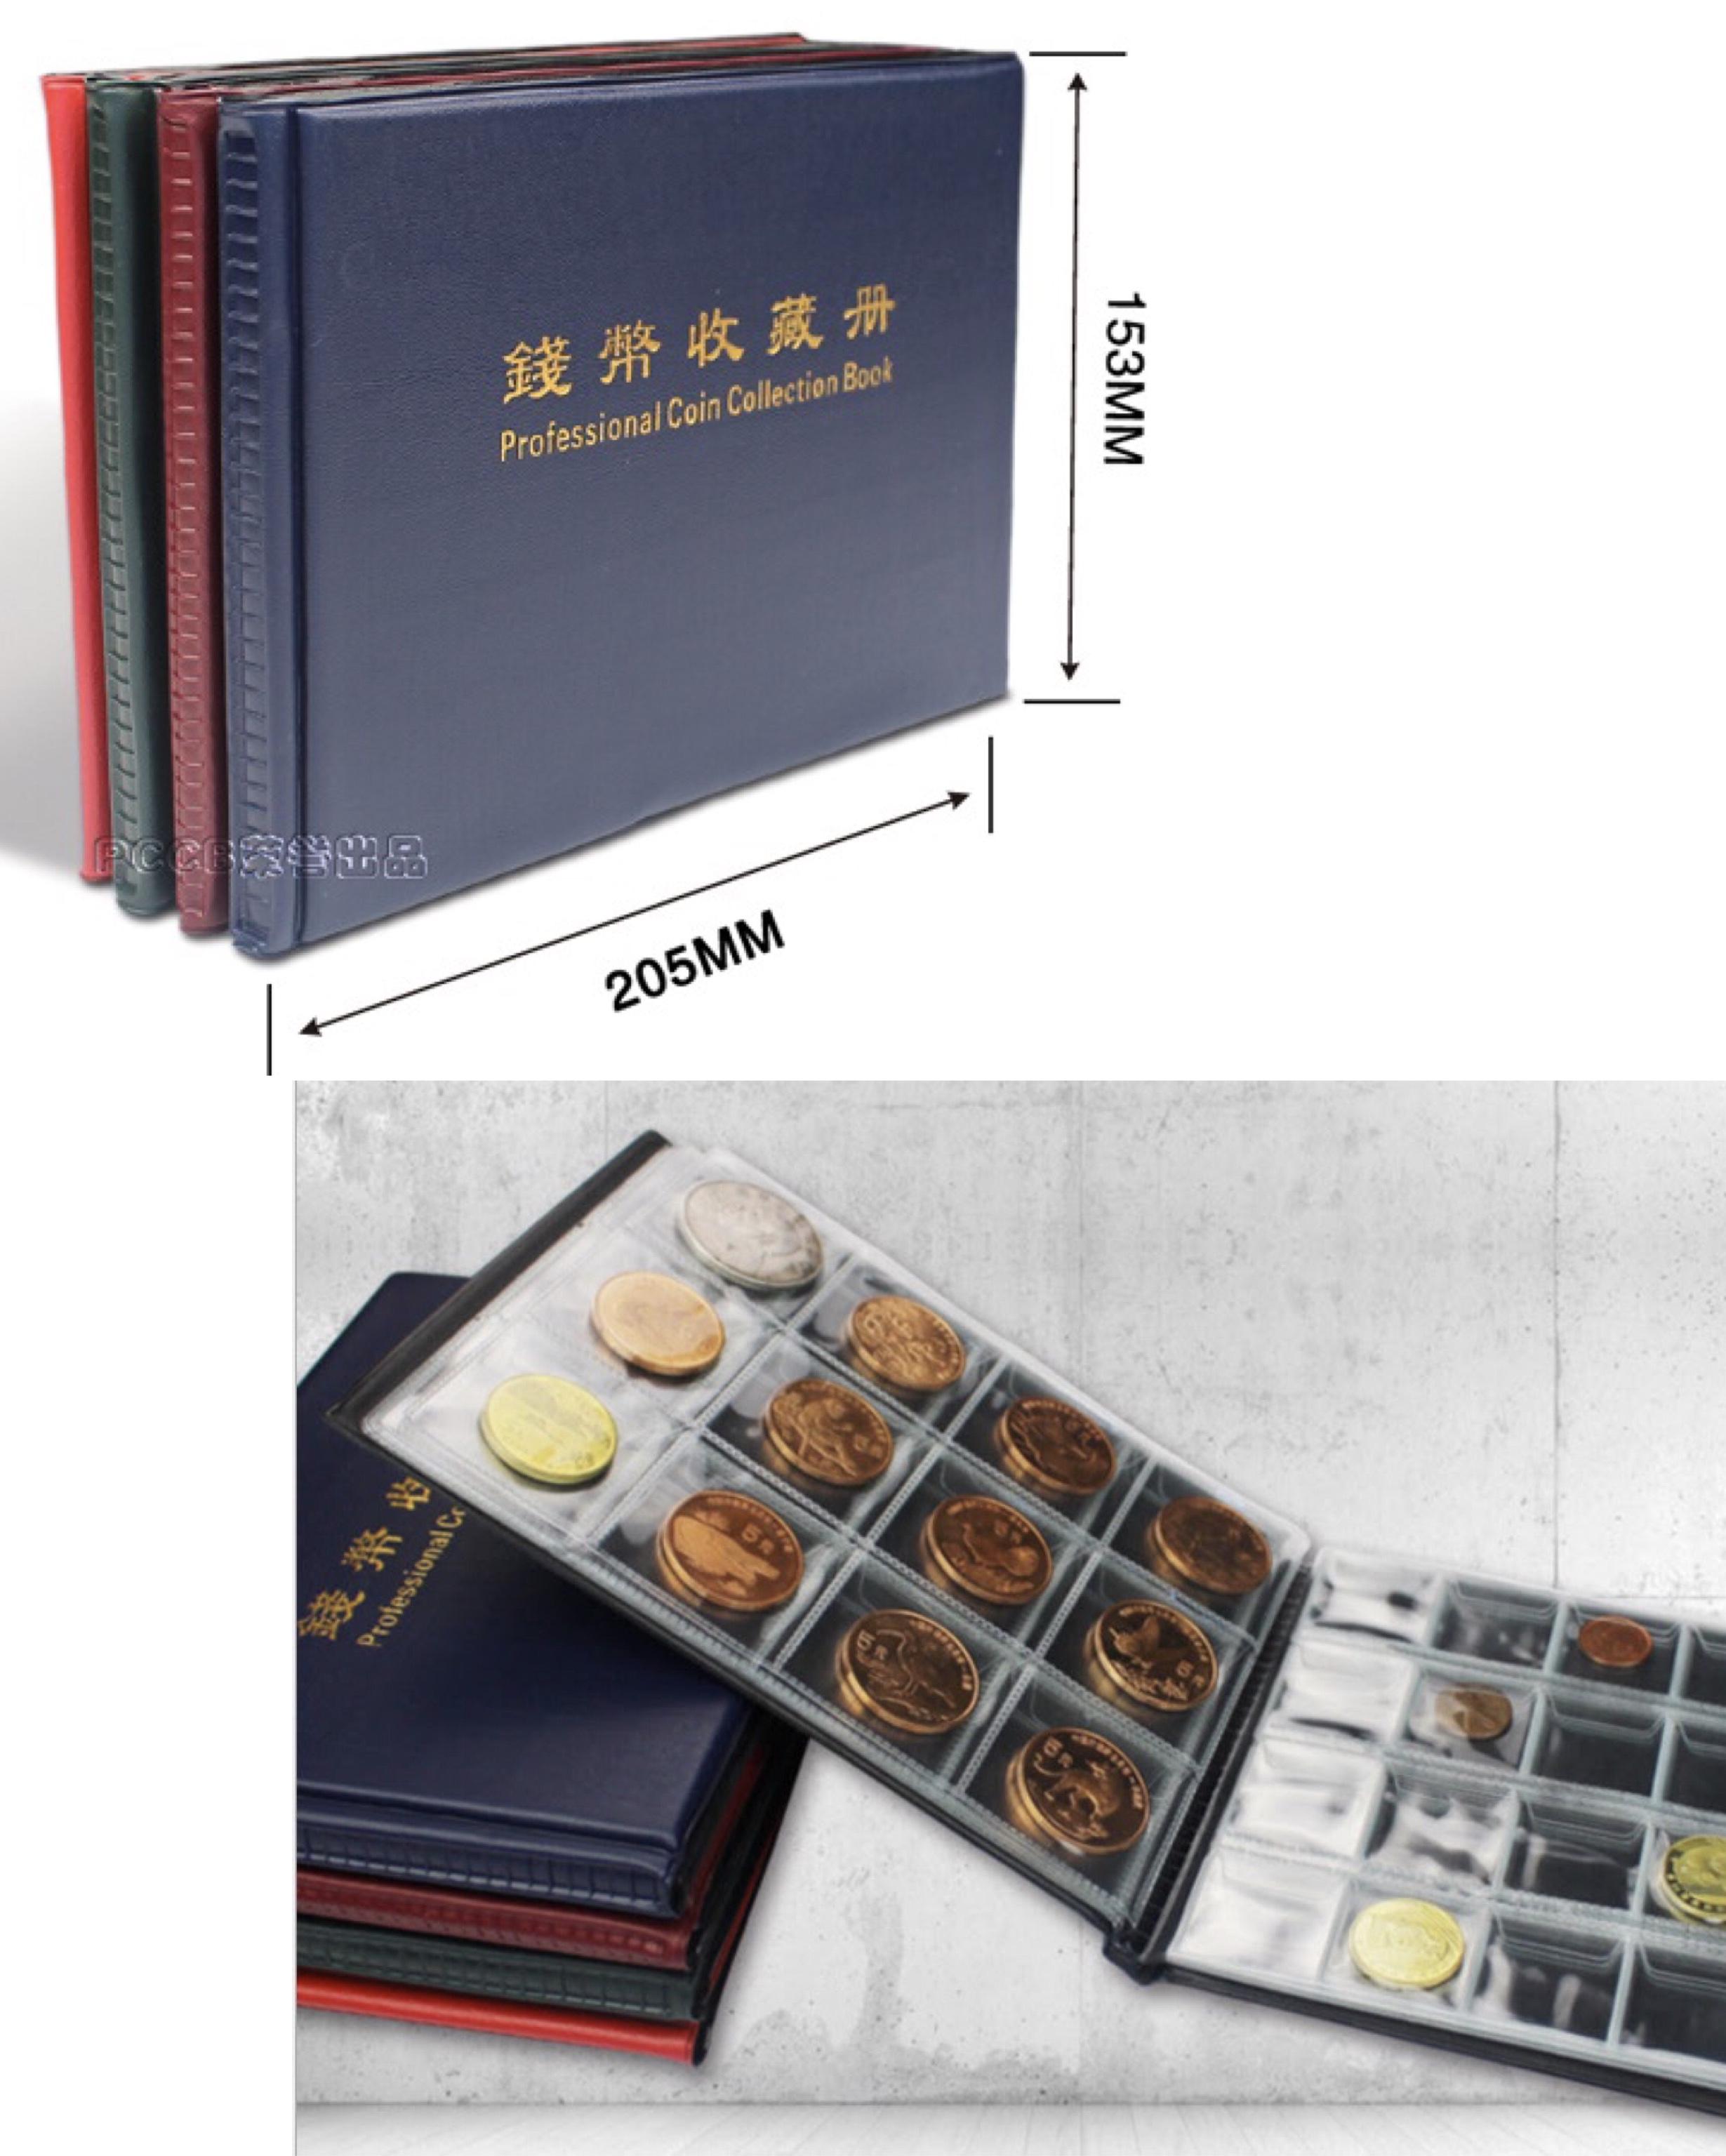 Quyển Album đựng tiền xu Mini 180 ngăn - PASA - có thể đựng được Xu Lớn và Xu Nhỏ (màu ngẫu nhiên)